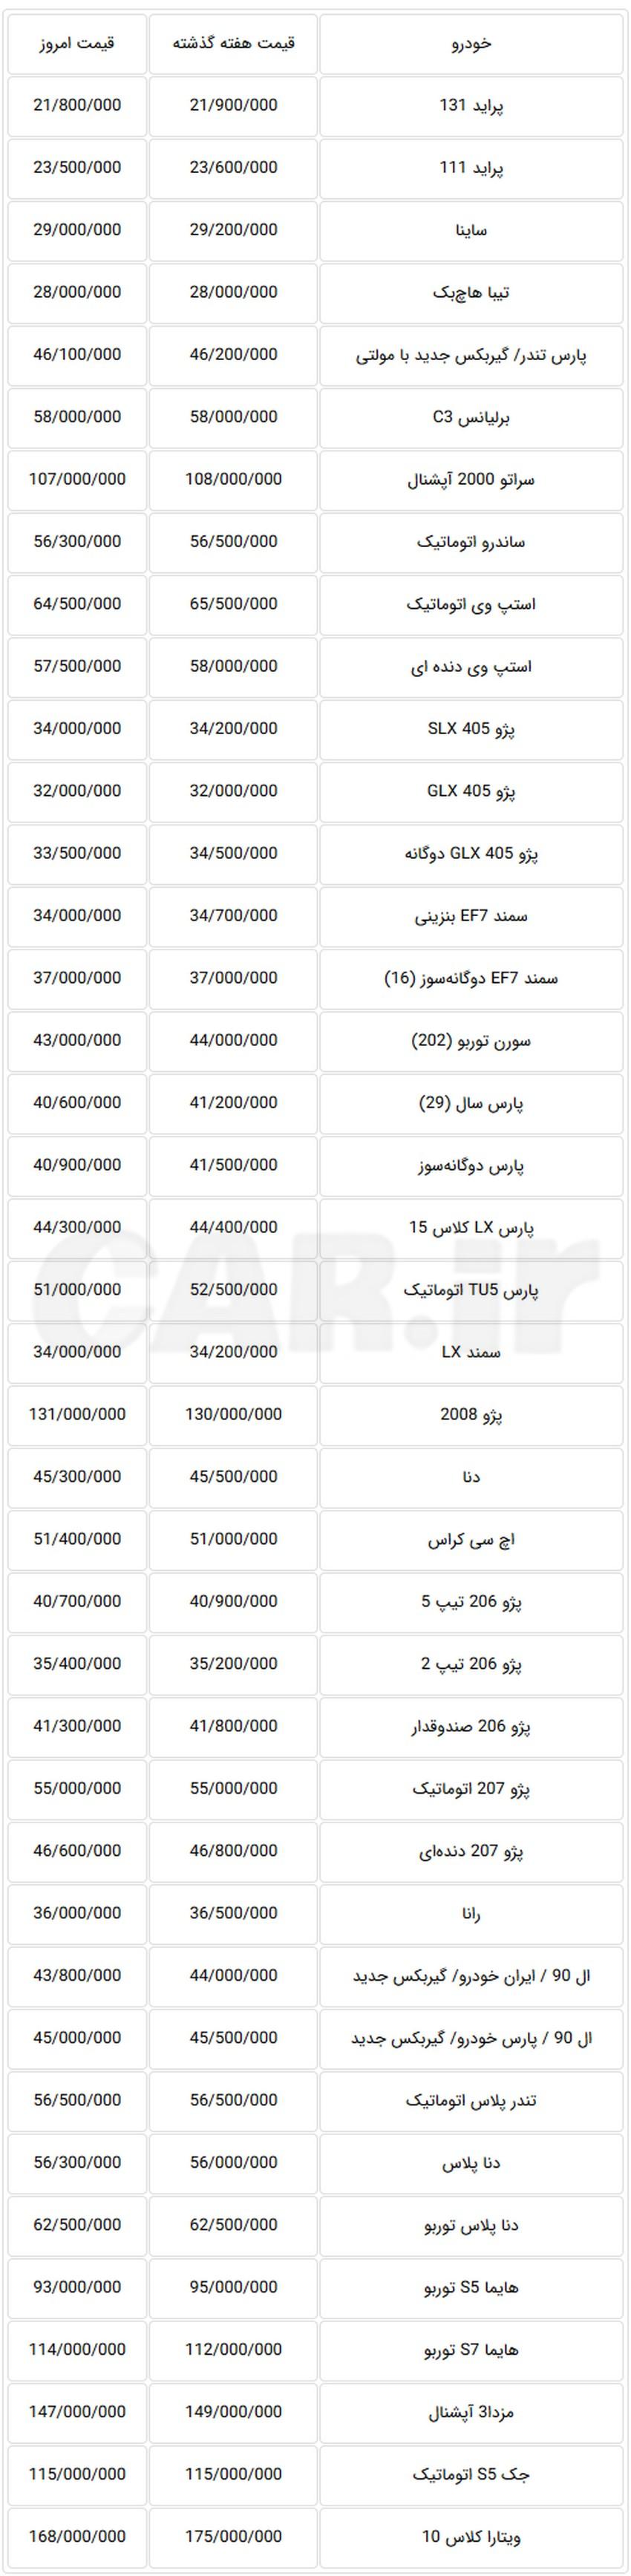 عقبنشینی قیمت خودروهای تولید داخل در بازار تهران